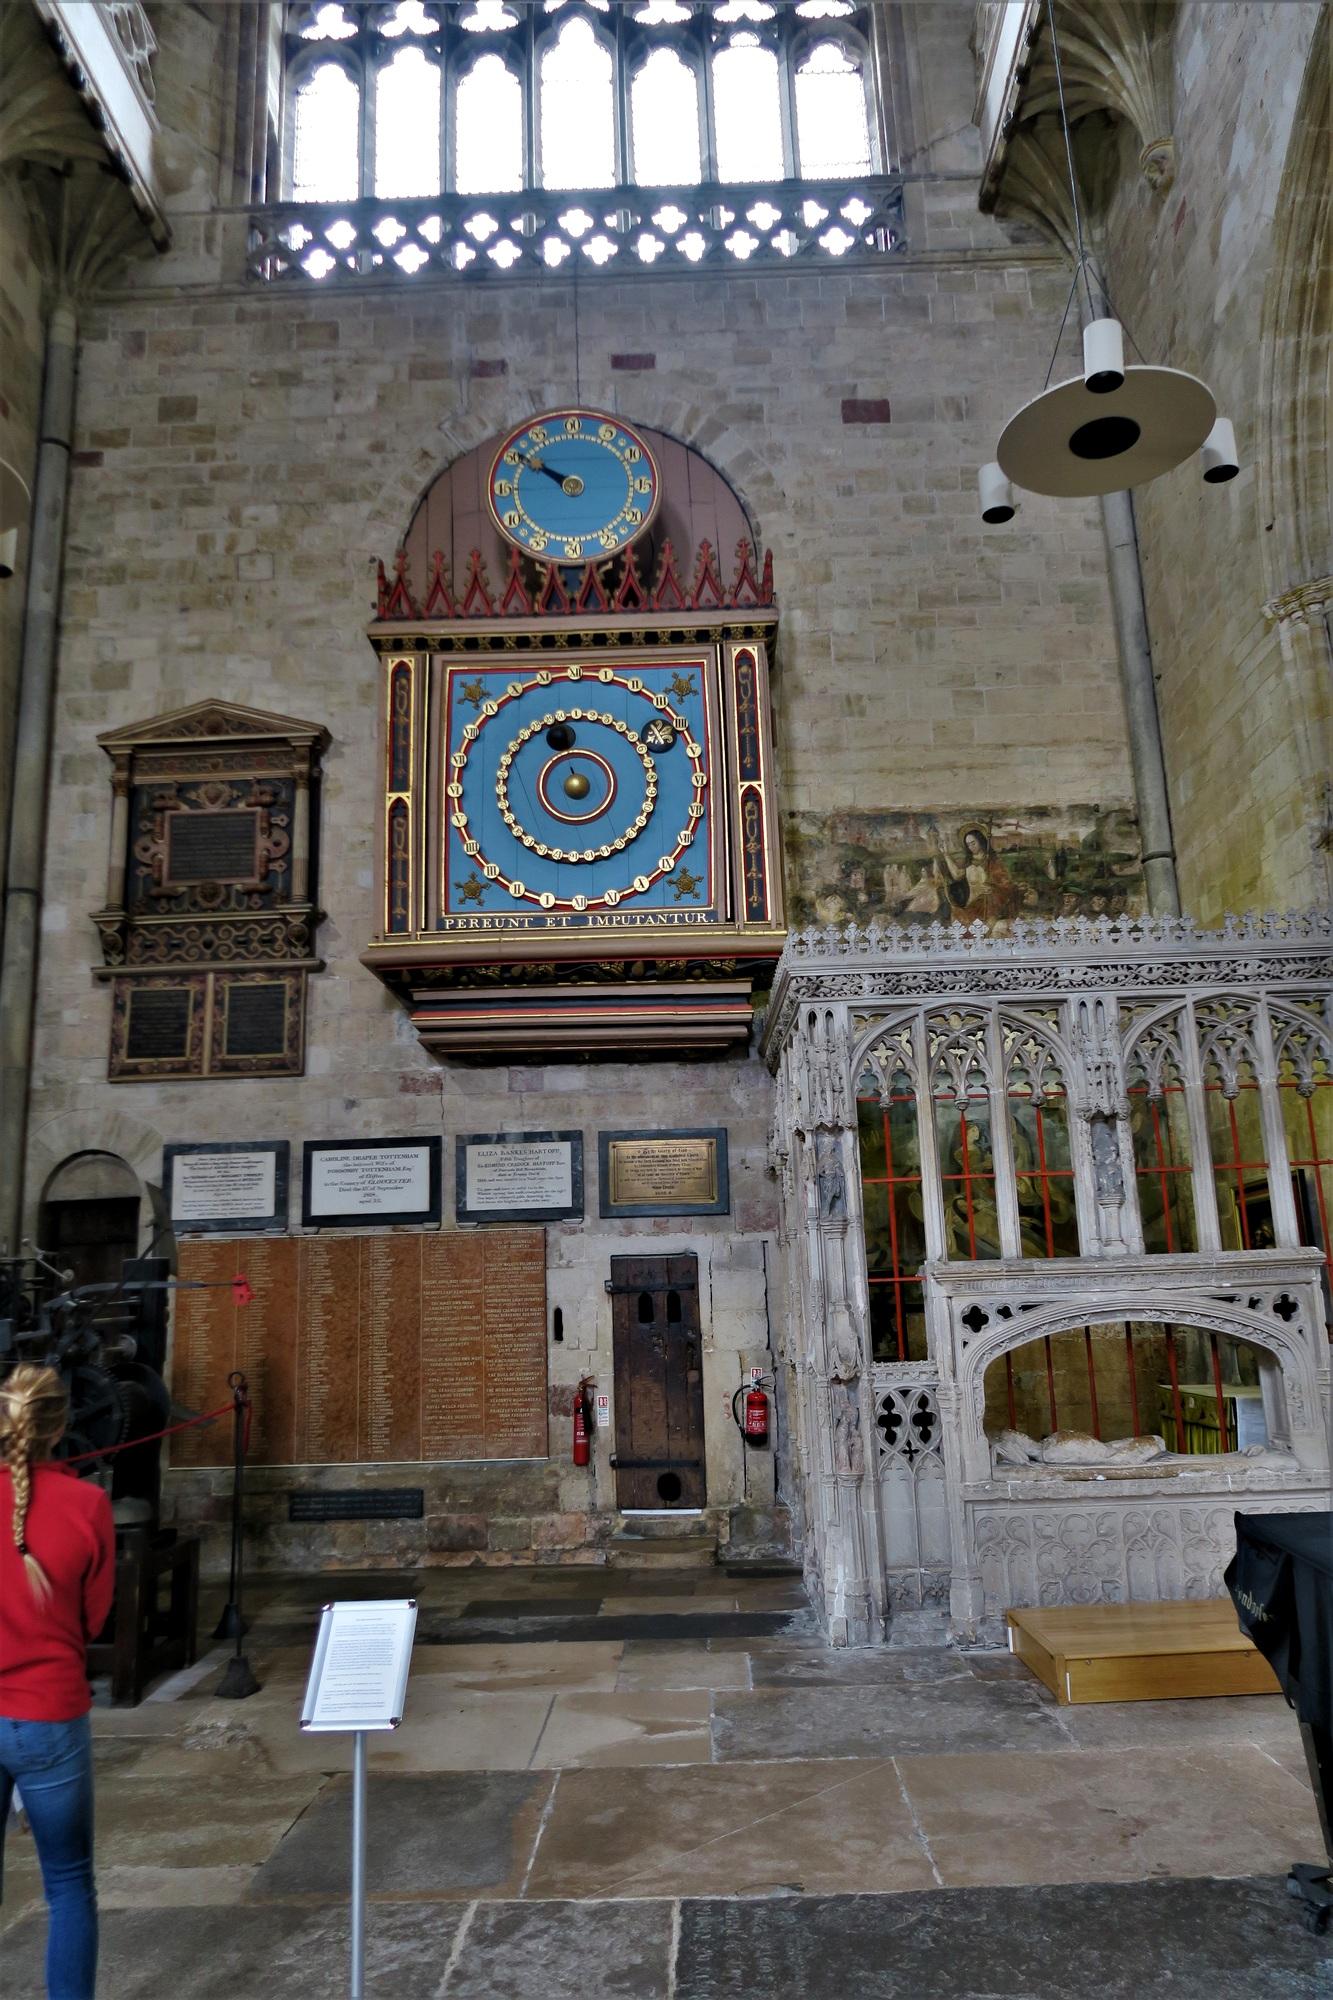 EXETER. Cathédrale. L'Horloge Astronomique.